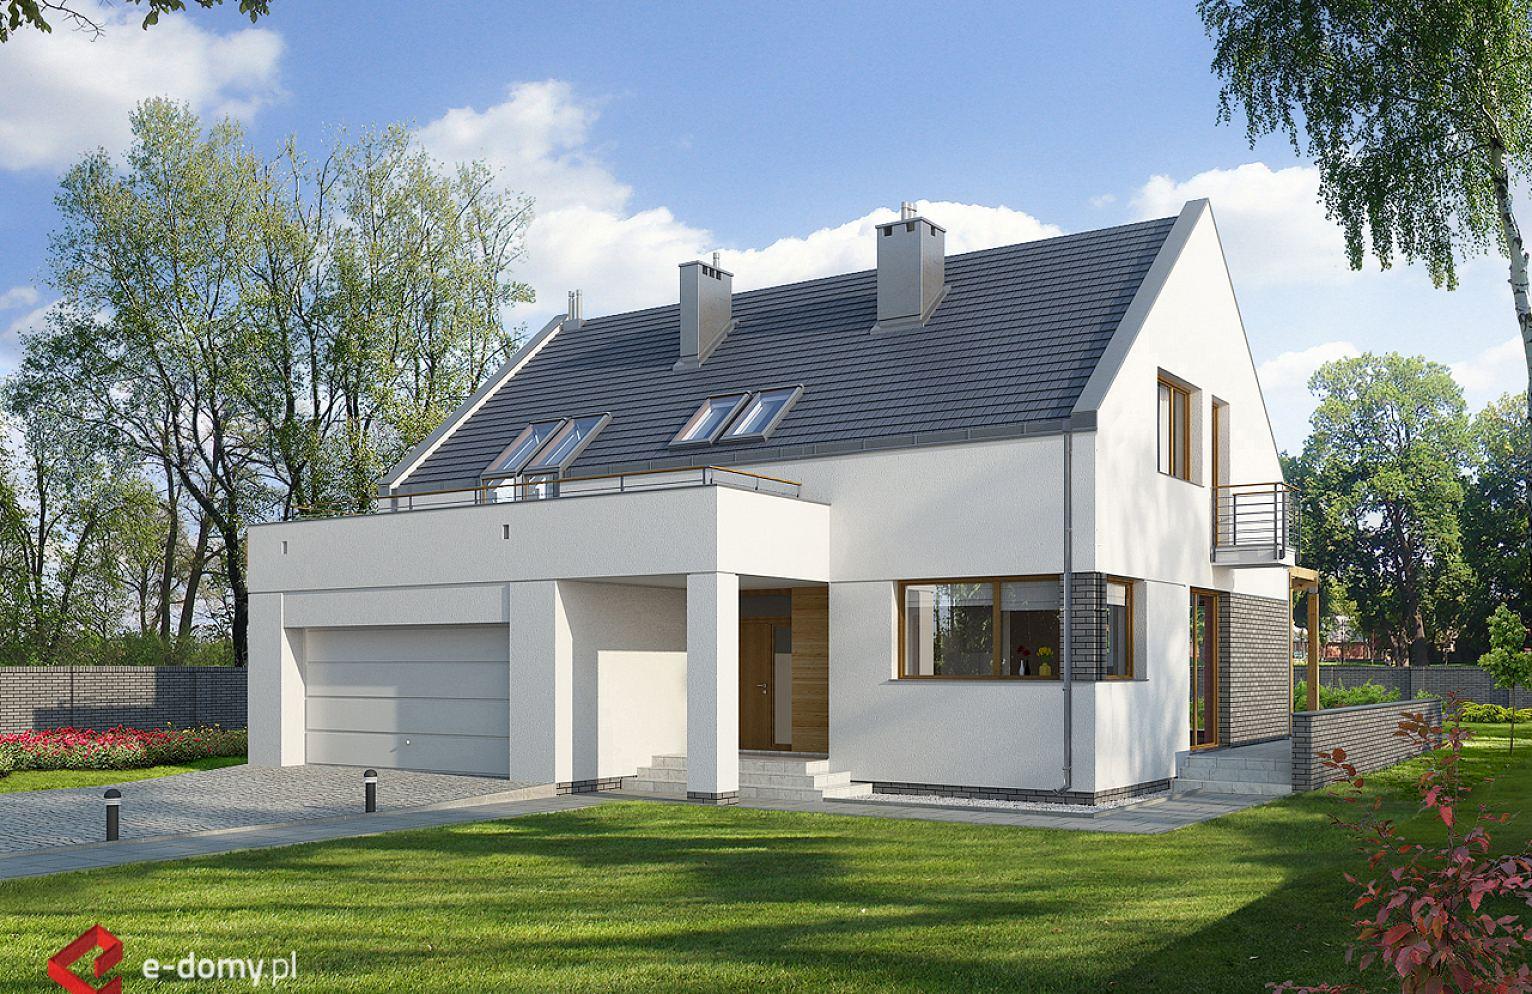 E 102 Nowoczesny Dom Z Garazem Dwustanowiskowym E Domy Pl Projekty